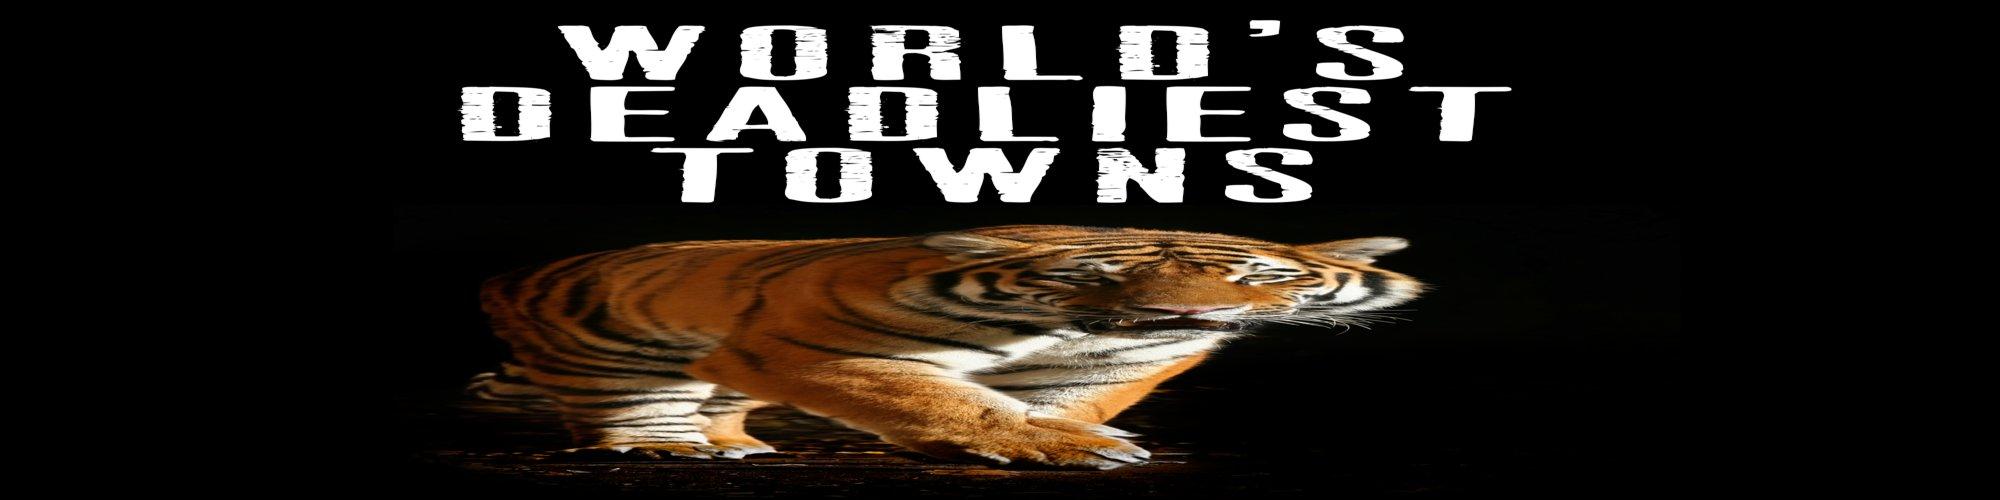 World's Deadliest Towns